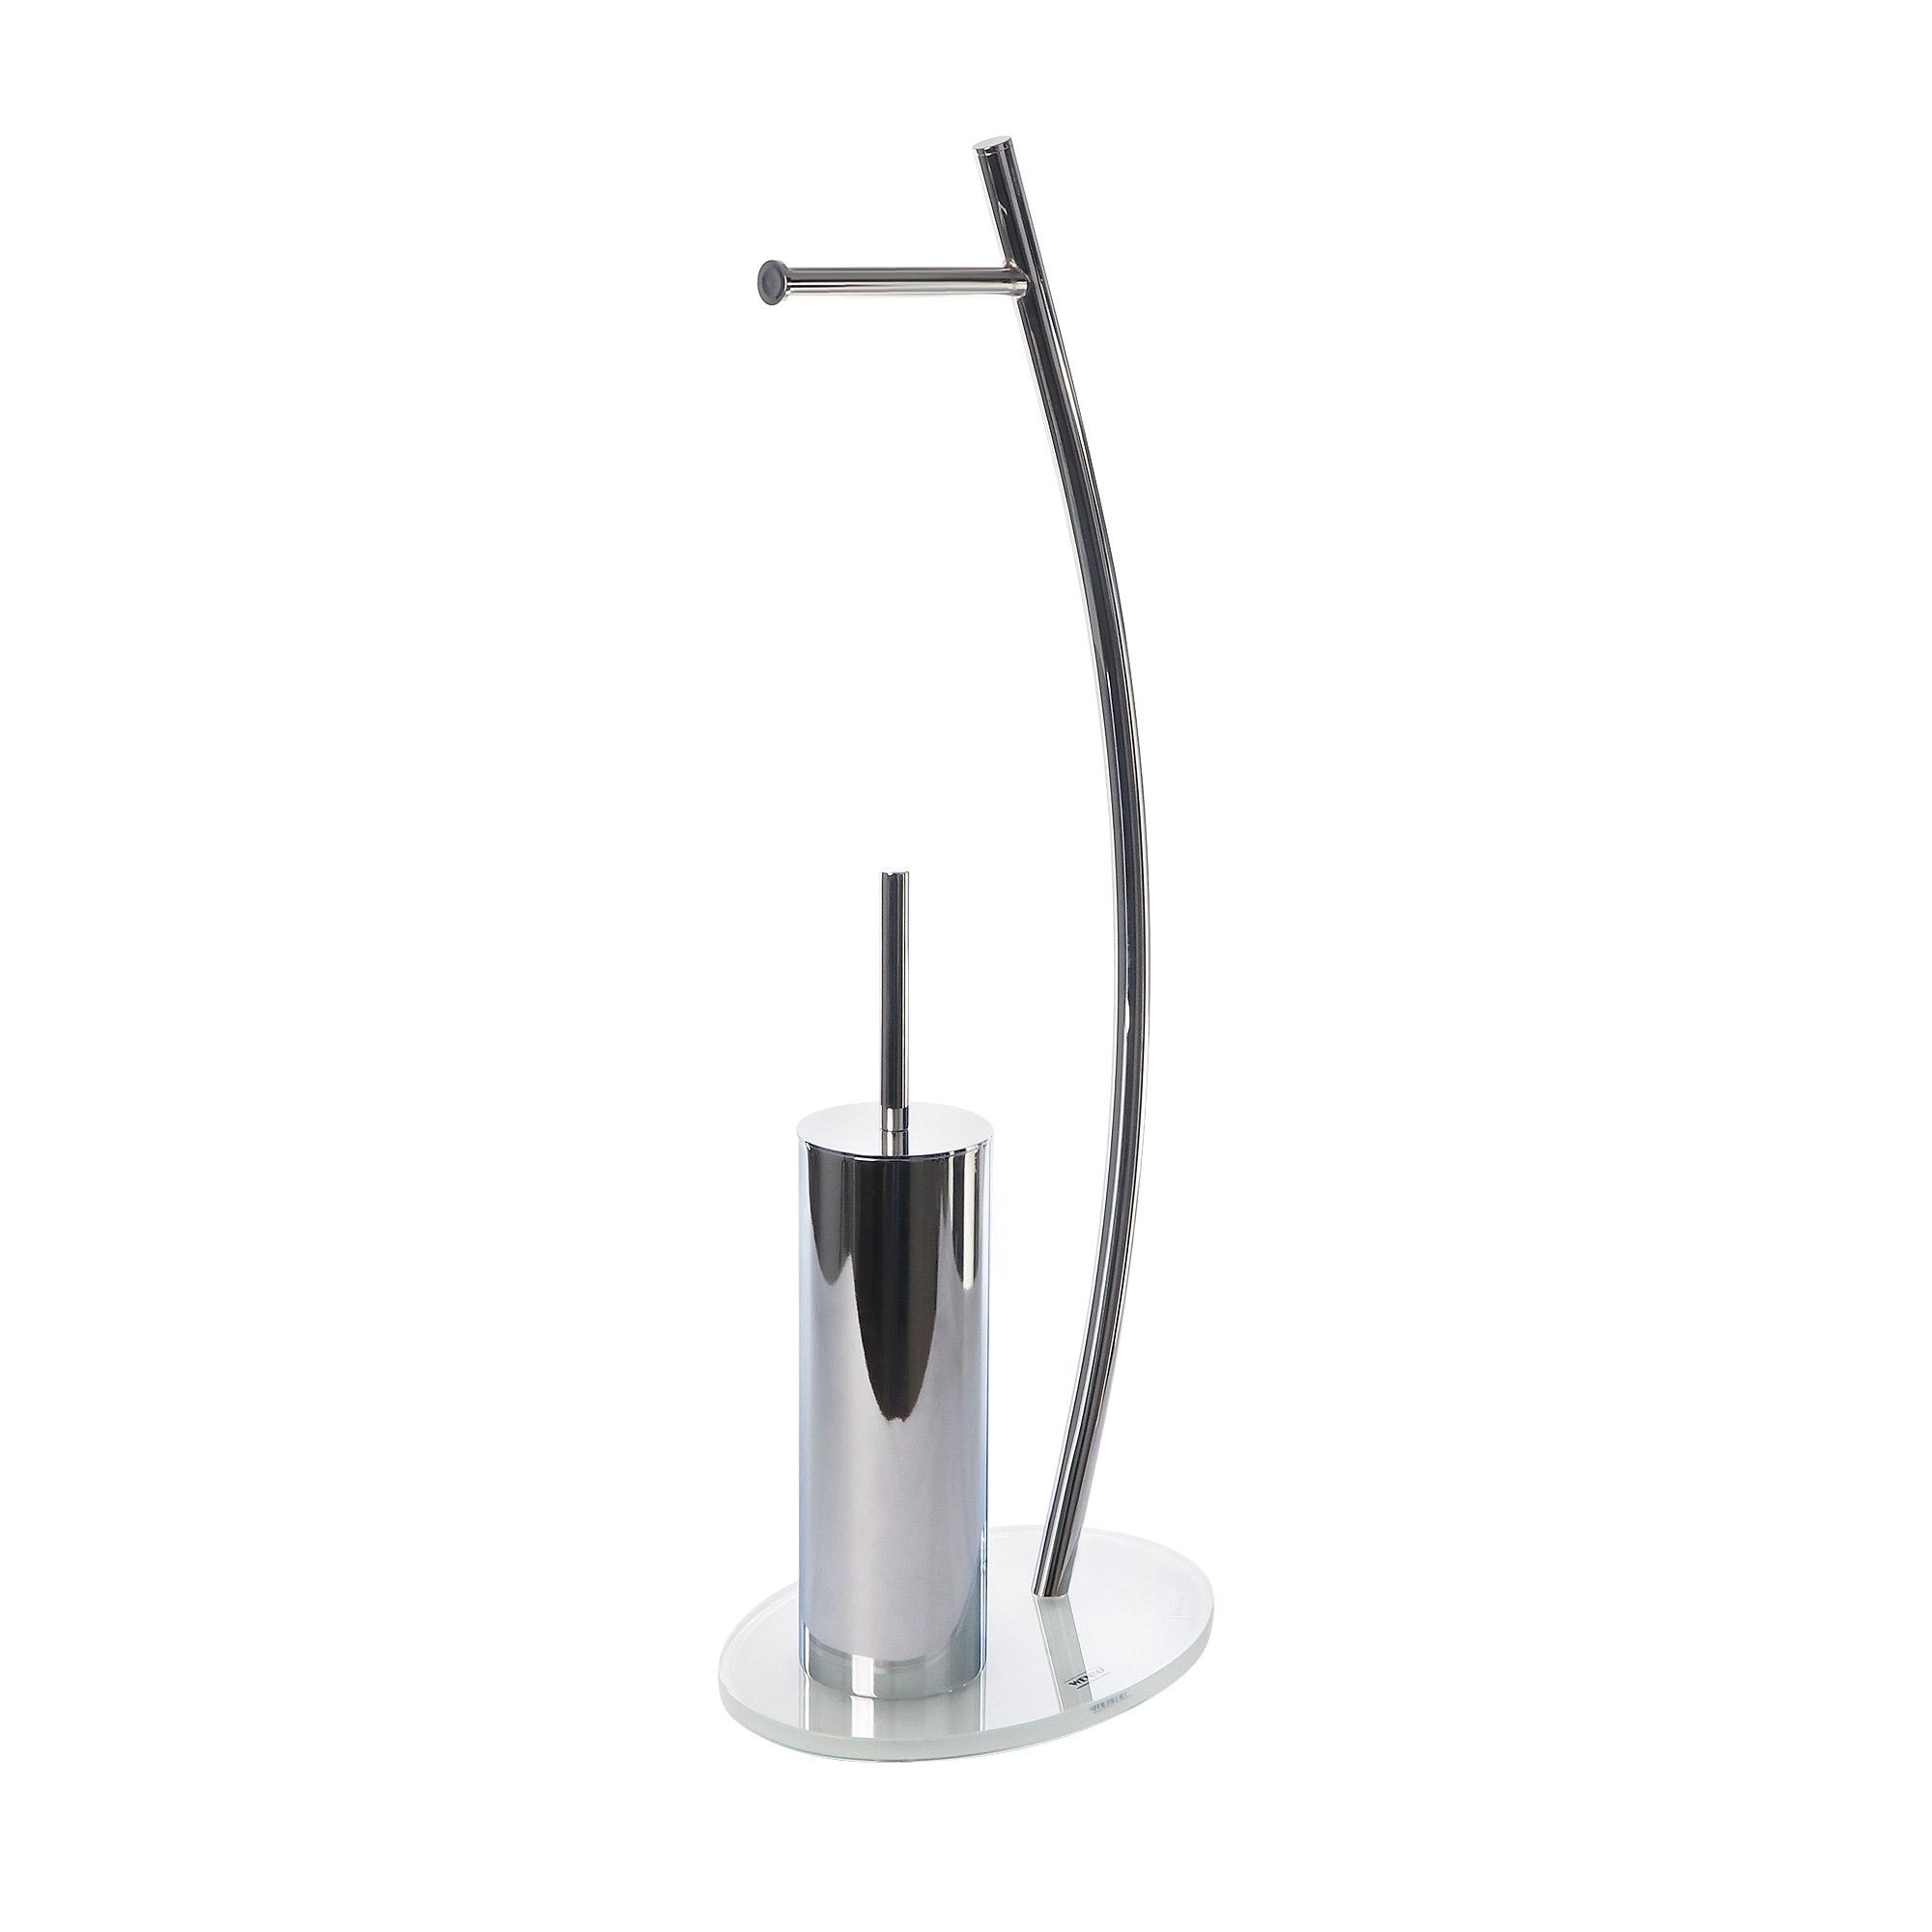 Купить Гарнитур для туалета Wenko sanitary ascea, хром, пластик (пвх, полиуретан), закалённое стекло